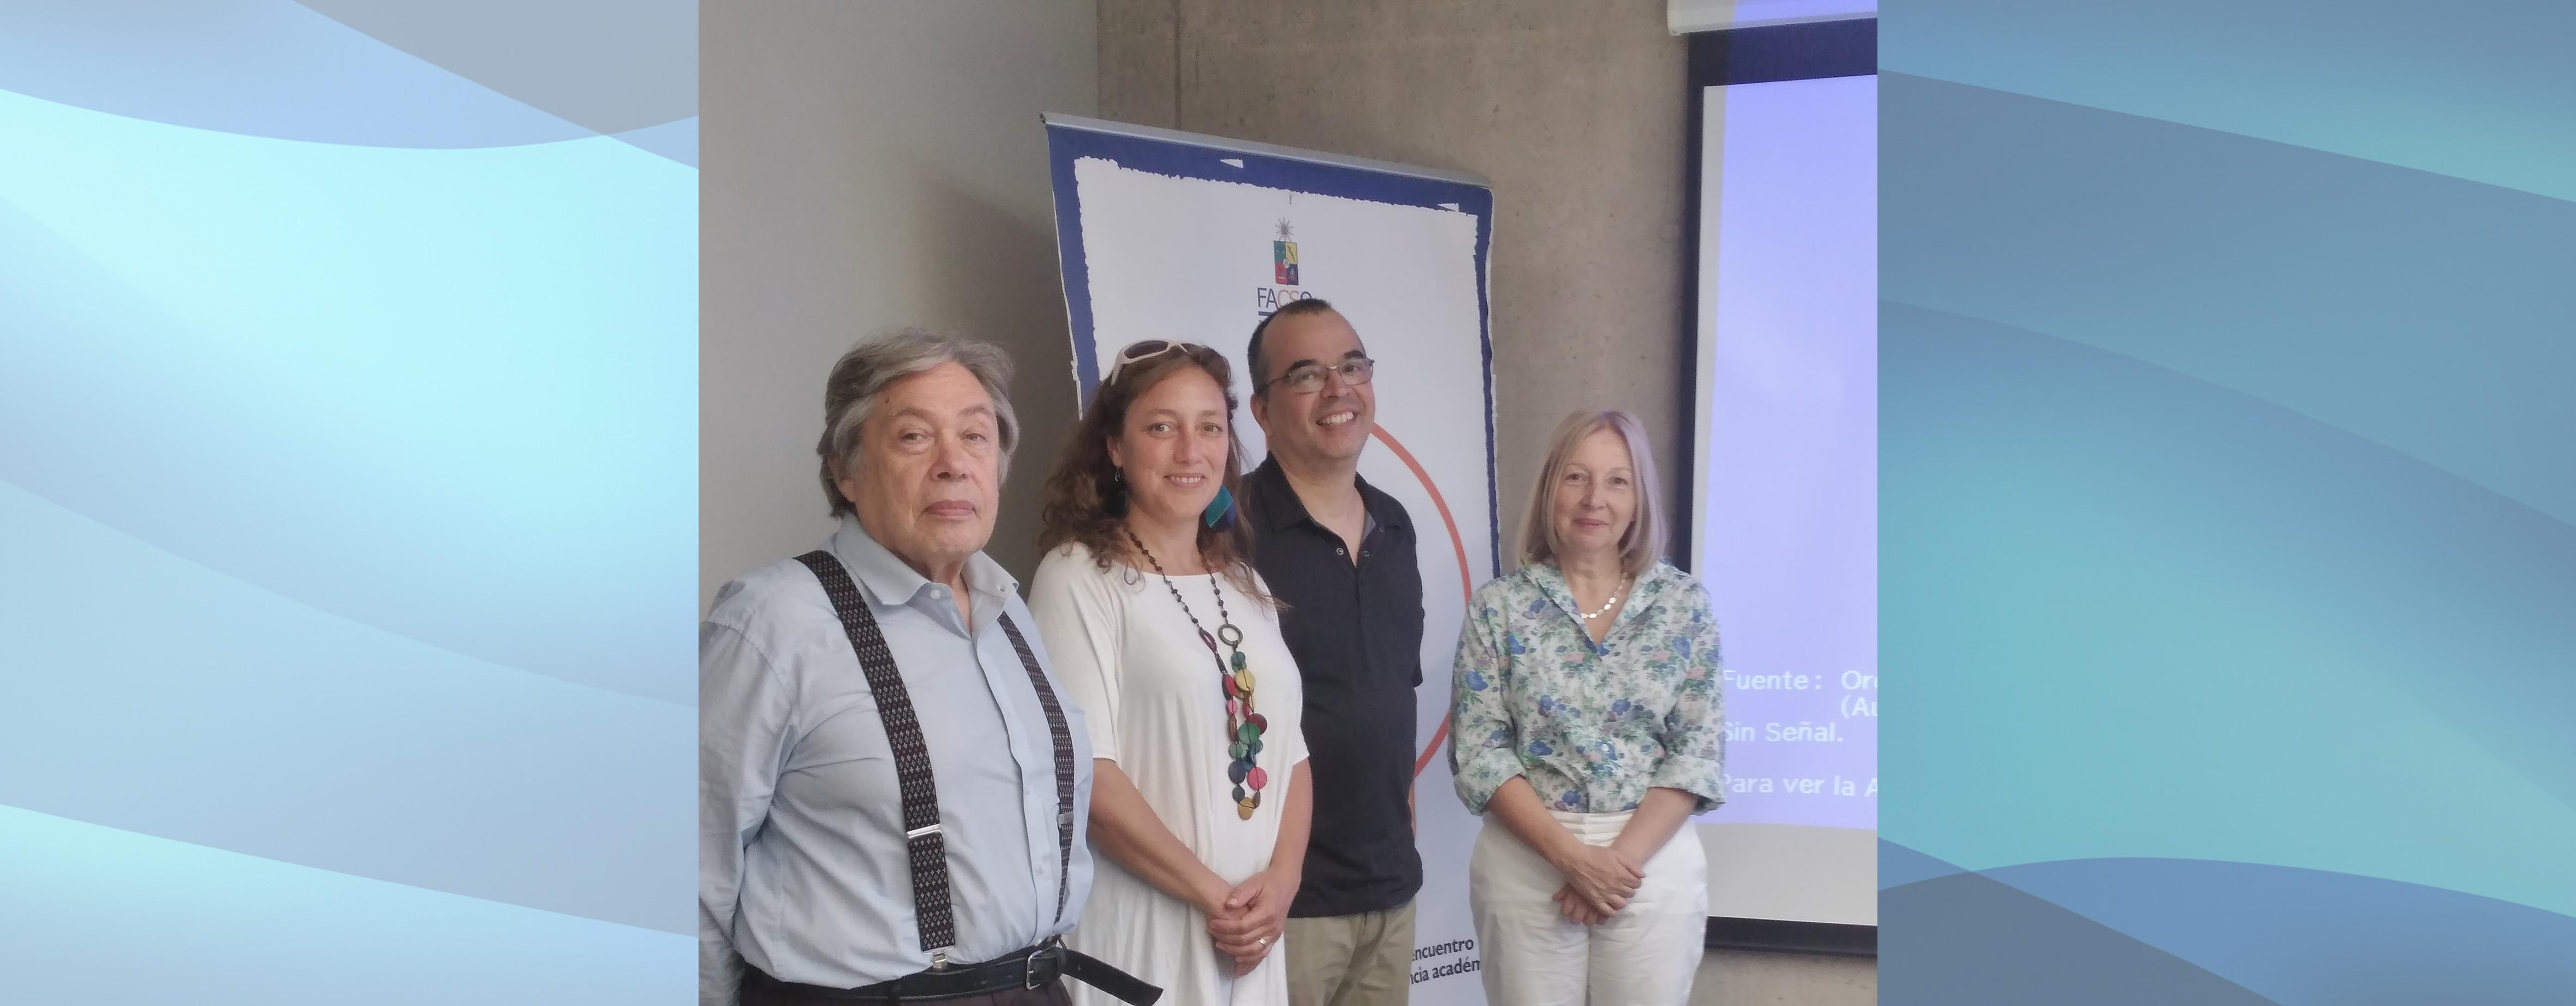 Nuevo graduado del Doctorado en Ciencias Sociales Universidad de Chile